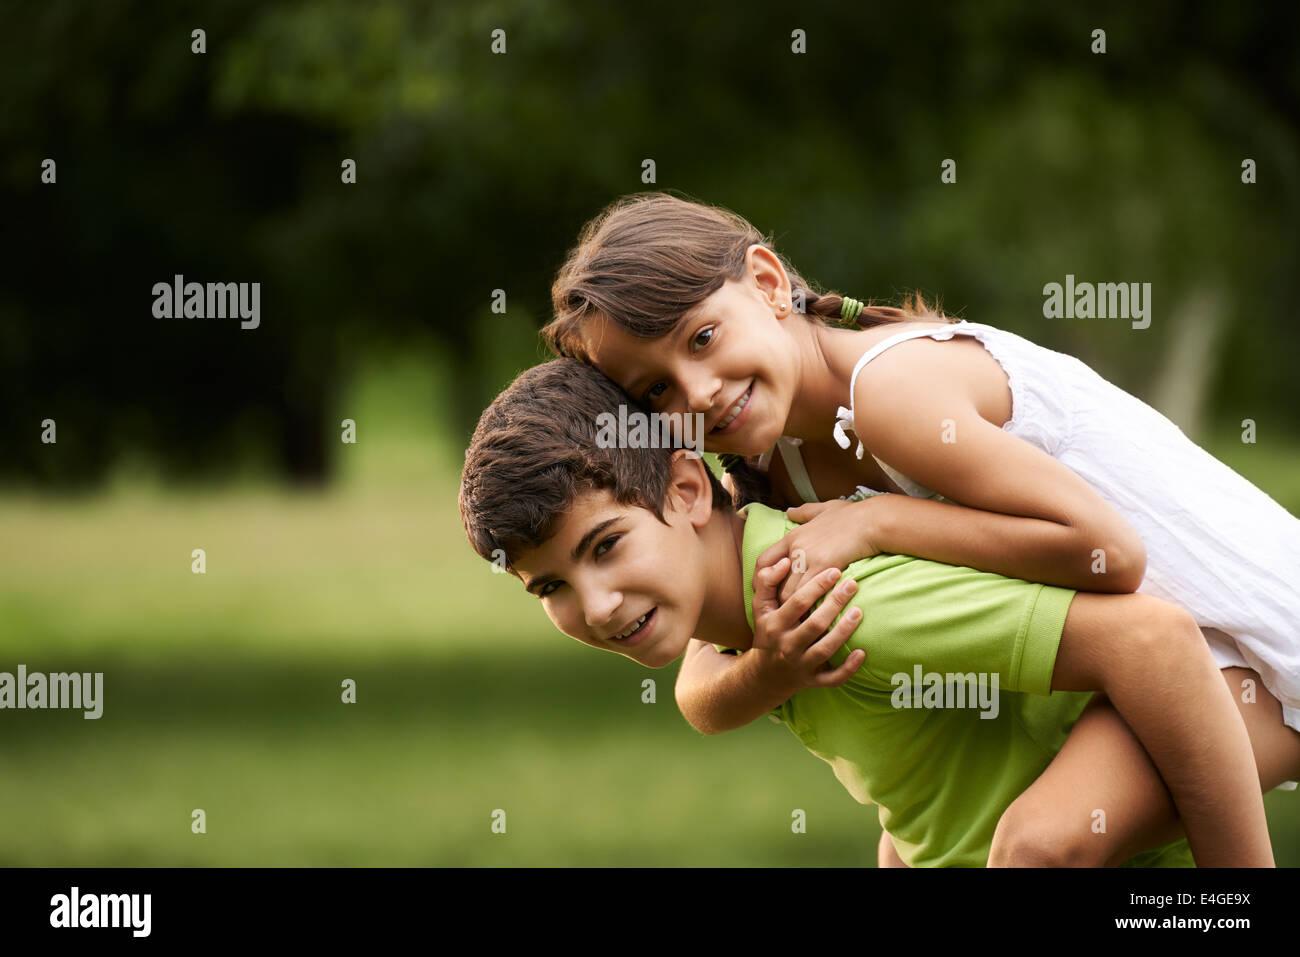 Les gens dans l'amour avec happy little girl and boy running s'y greffent en parc de ville. Copy space Photo Stock